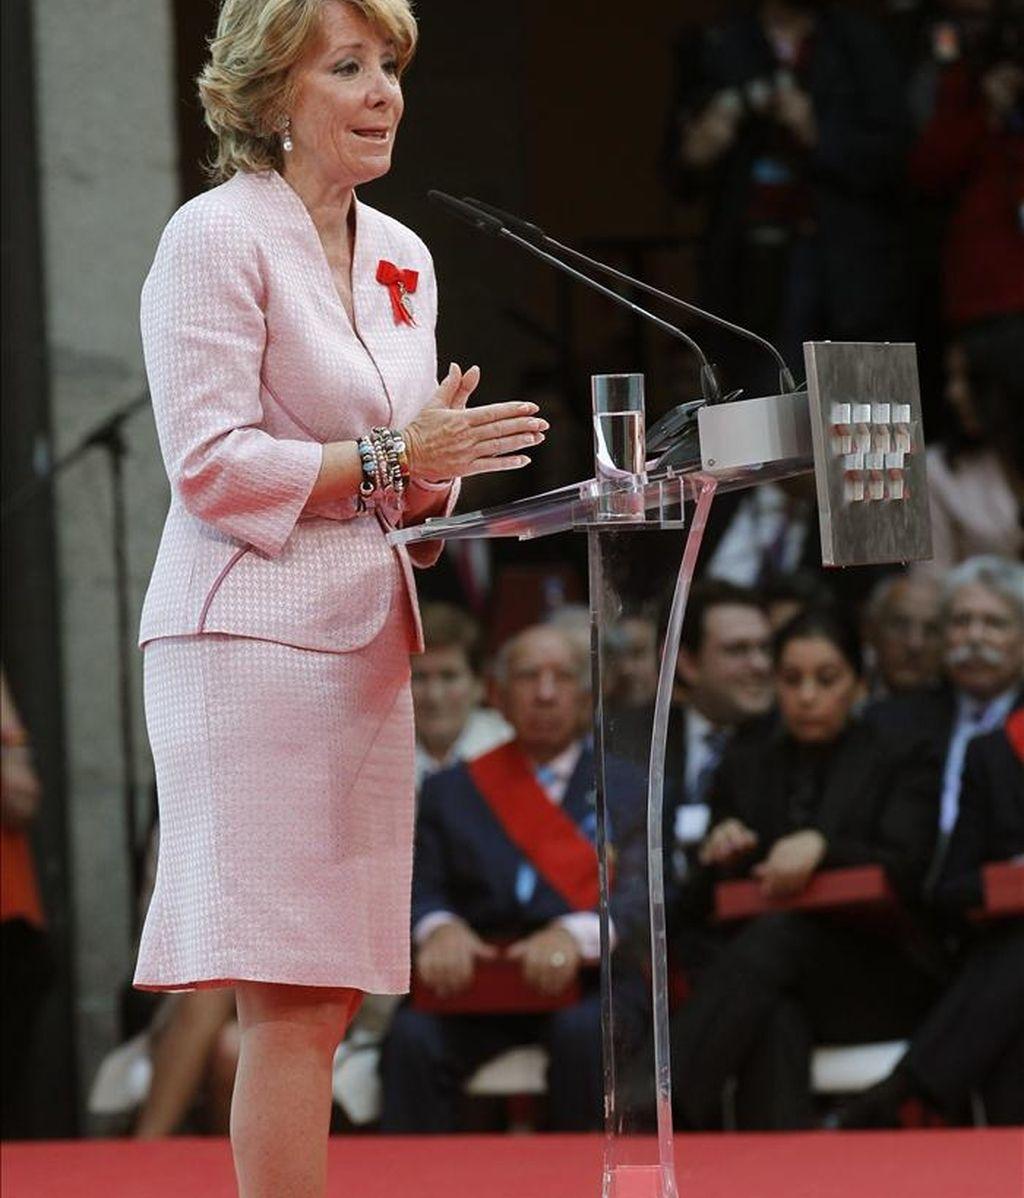 La presidenta de Madrid, Esperanza Aguirre, durante su intervención en los actos oficiales del Día de la Comunidad, en la sede de la Puerta del Sol. EFE